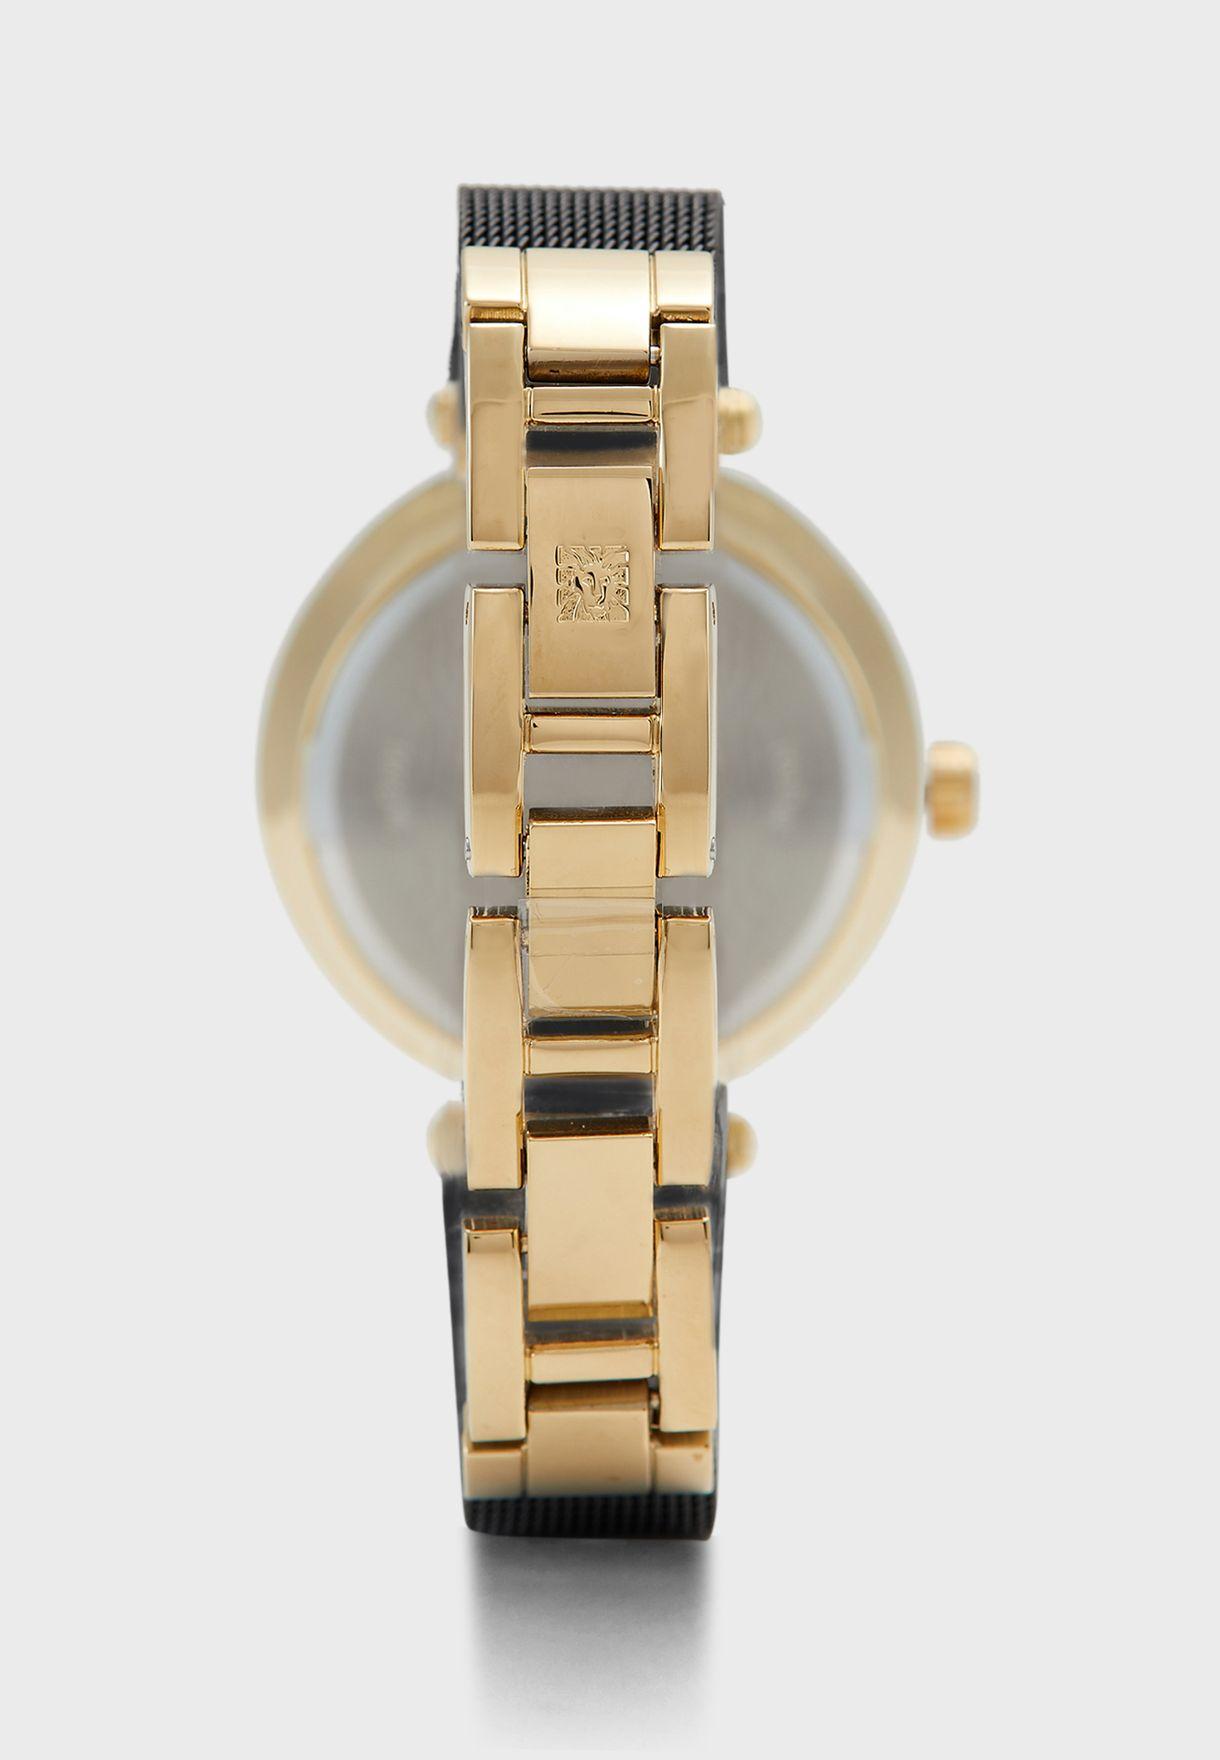 AK3001CHBK Leather Strap Analog Watch